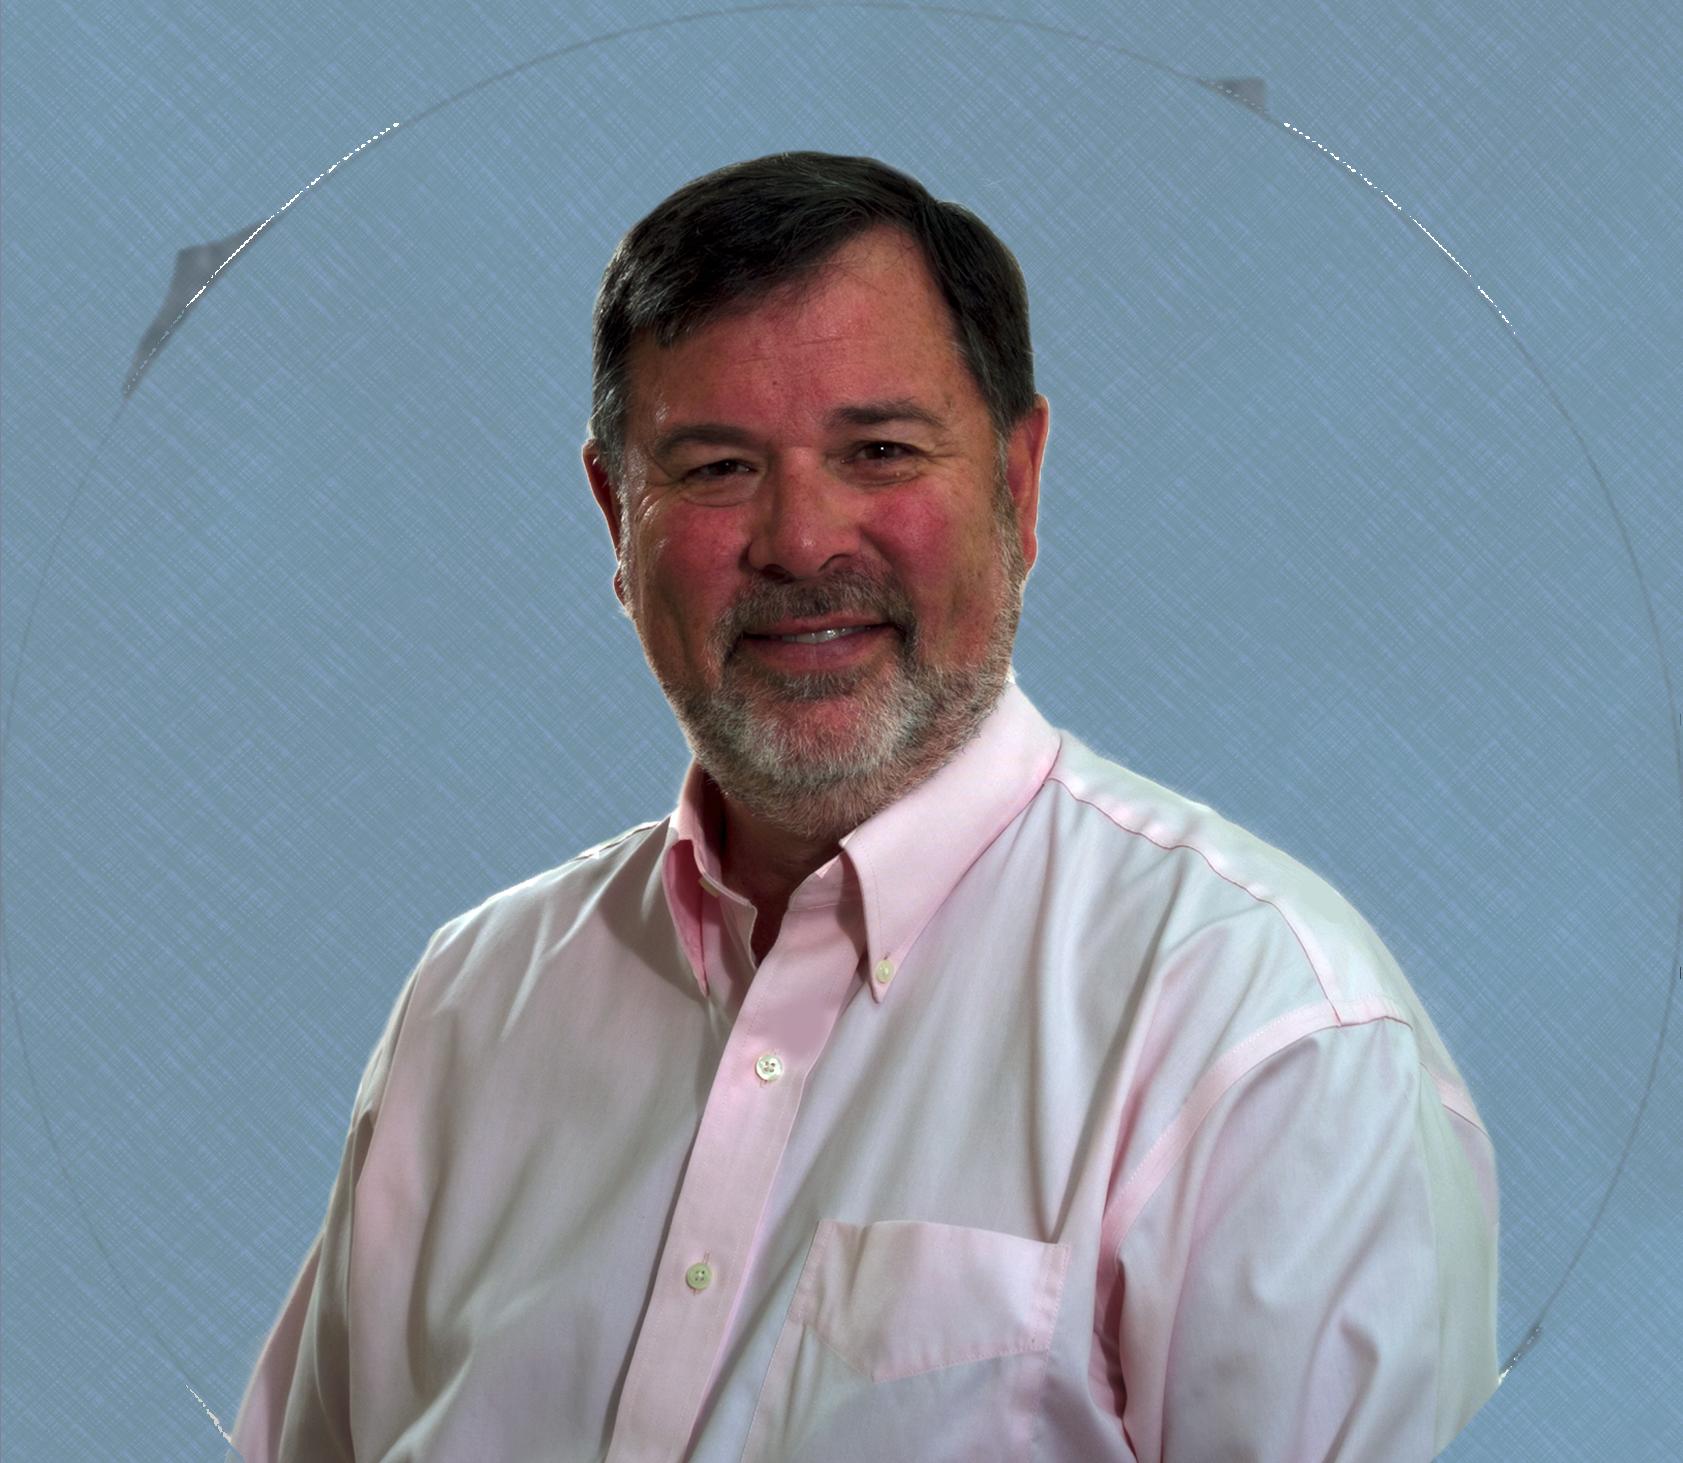 Dr. Dan Shoultz, MDiv, PhD